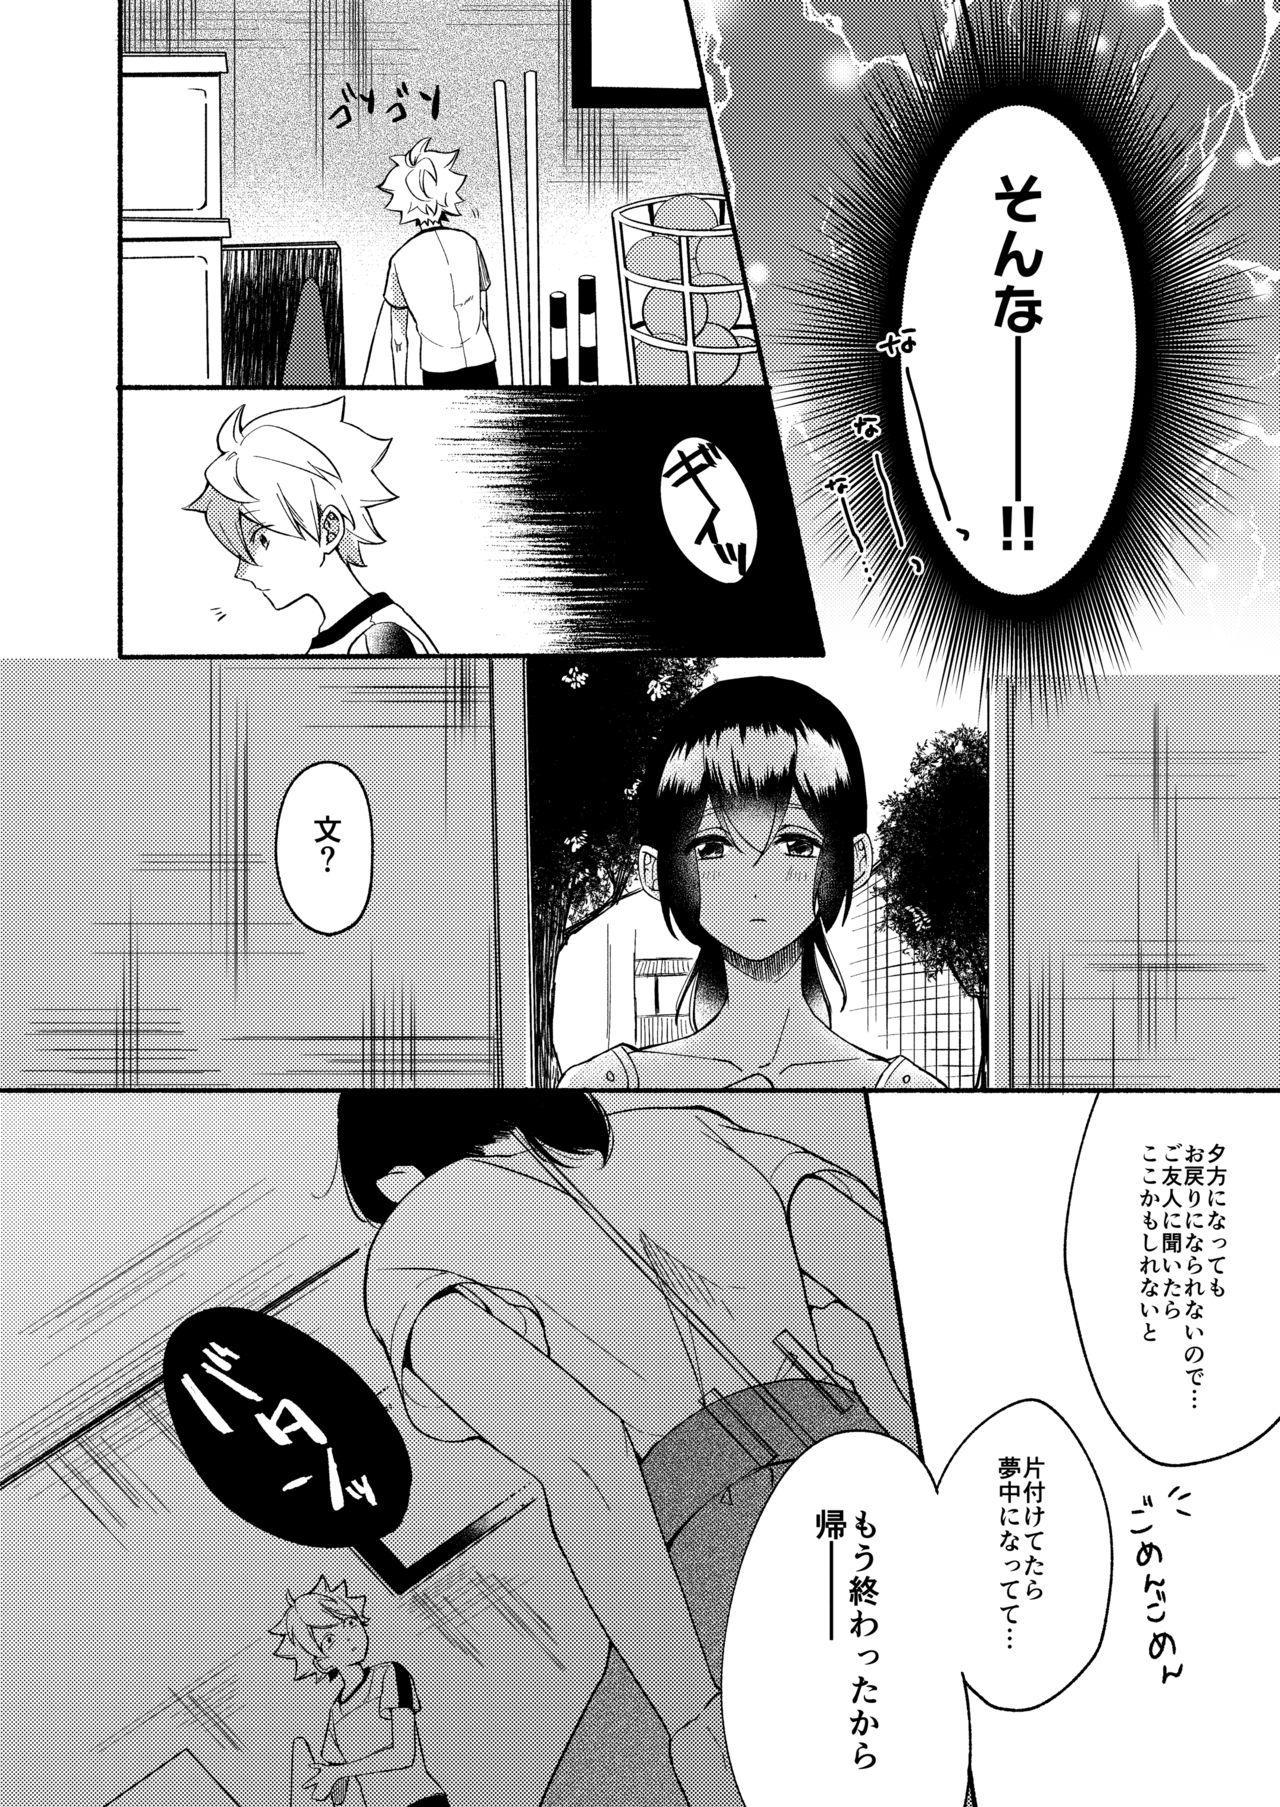 Onee-chan to Boku no Kaihatsu Seikatsu 2 6